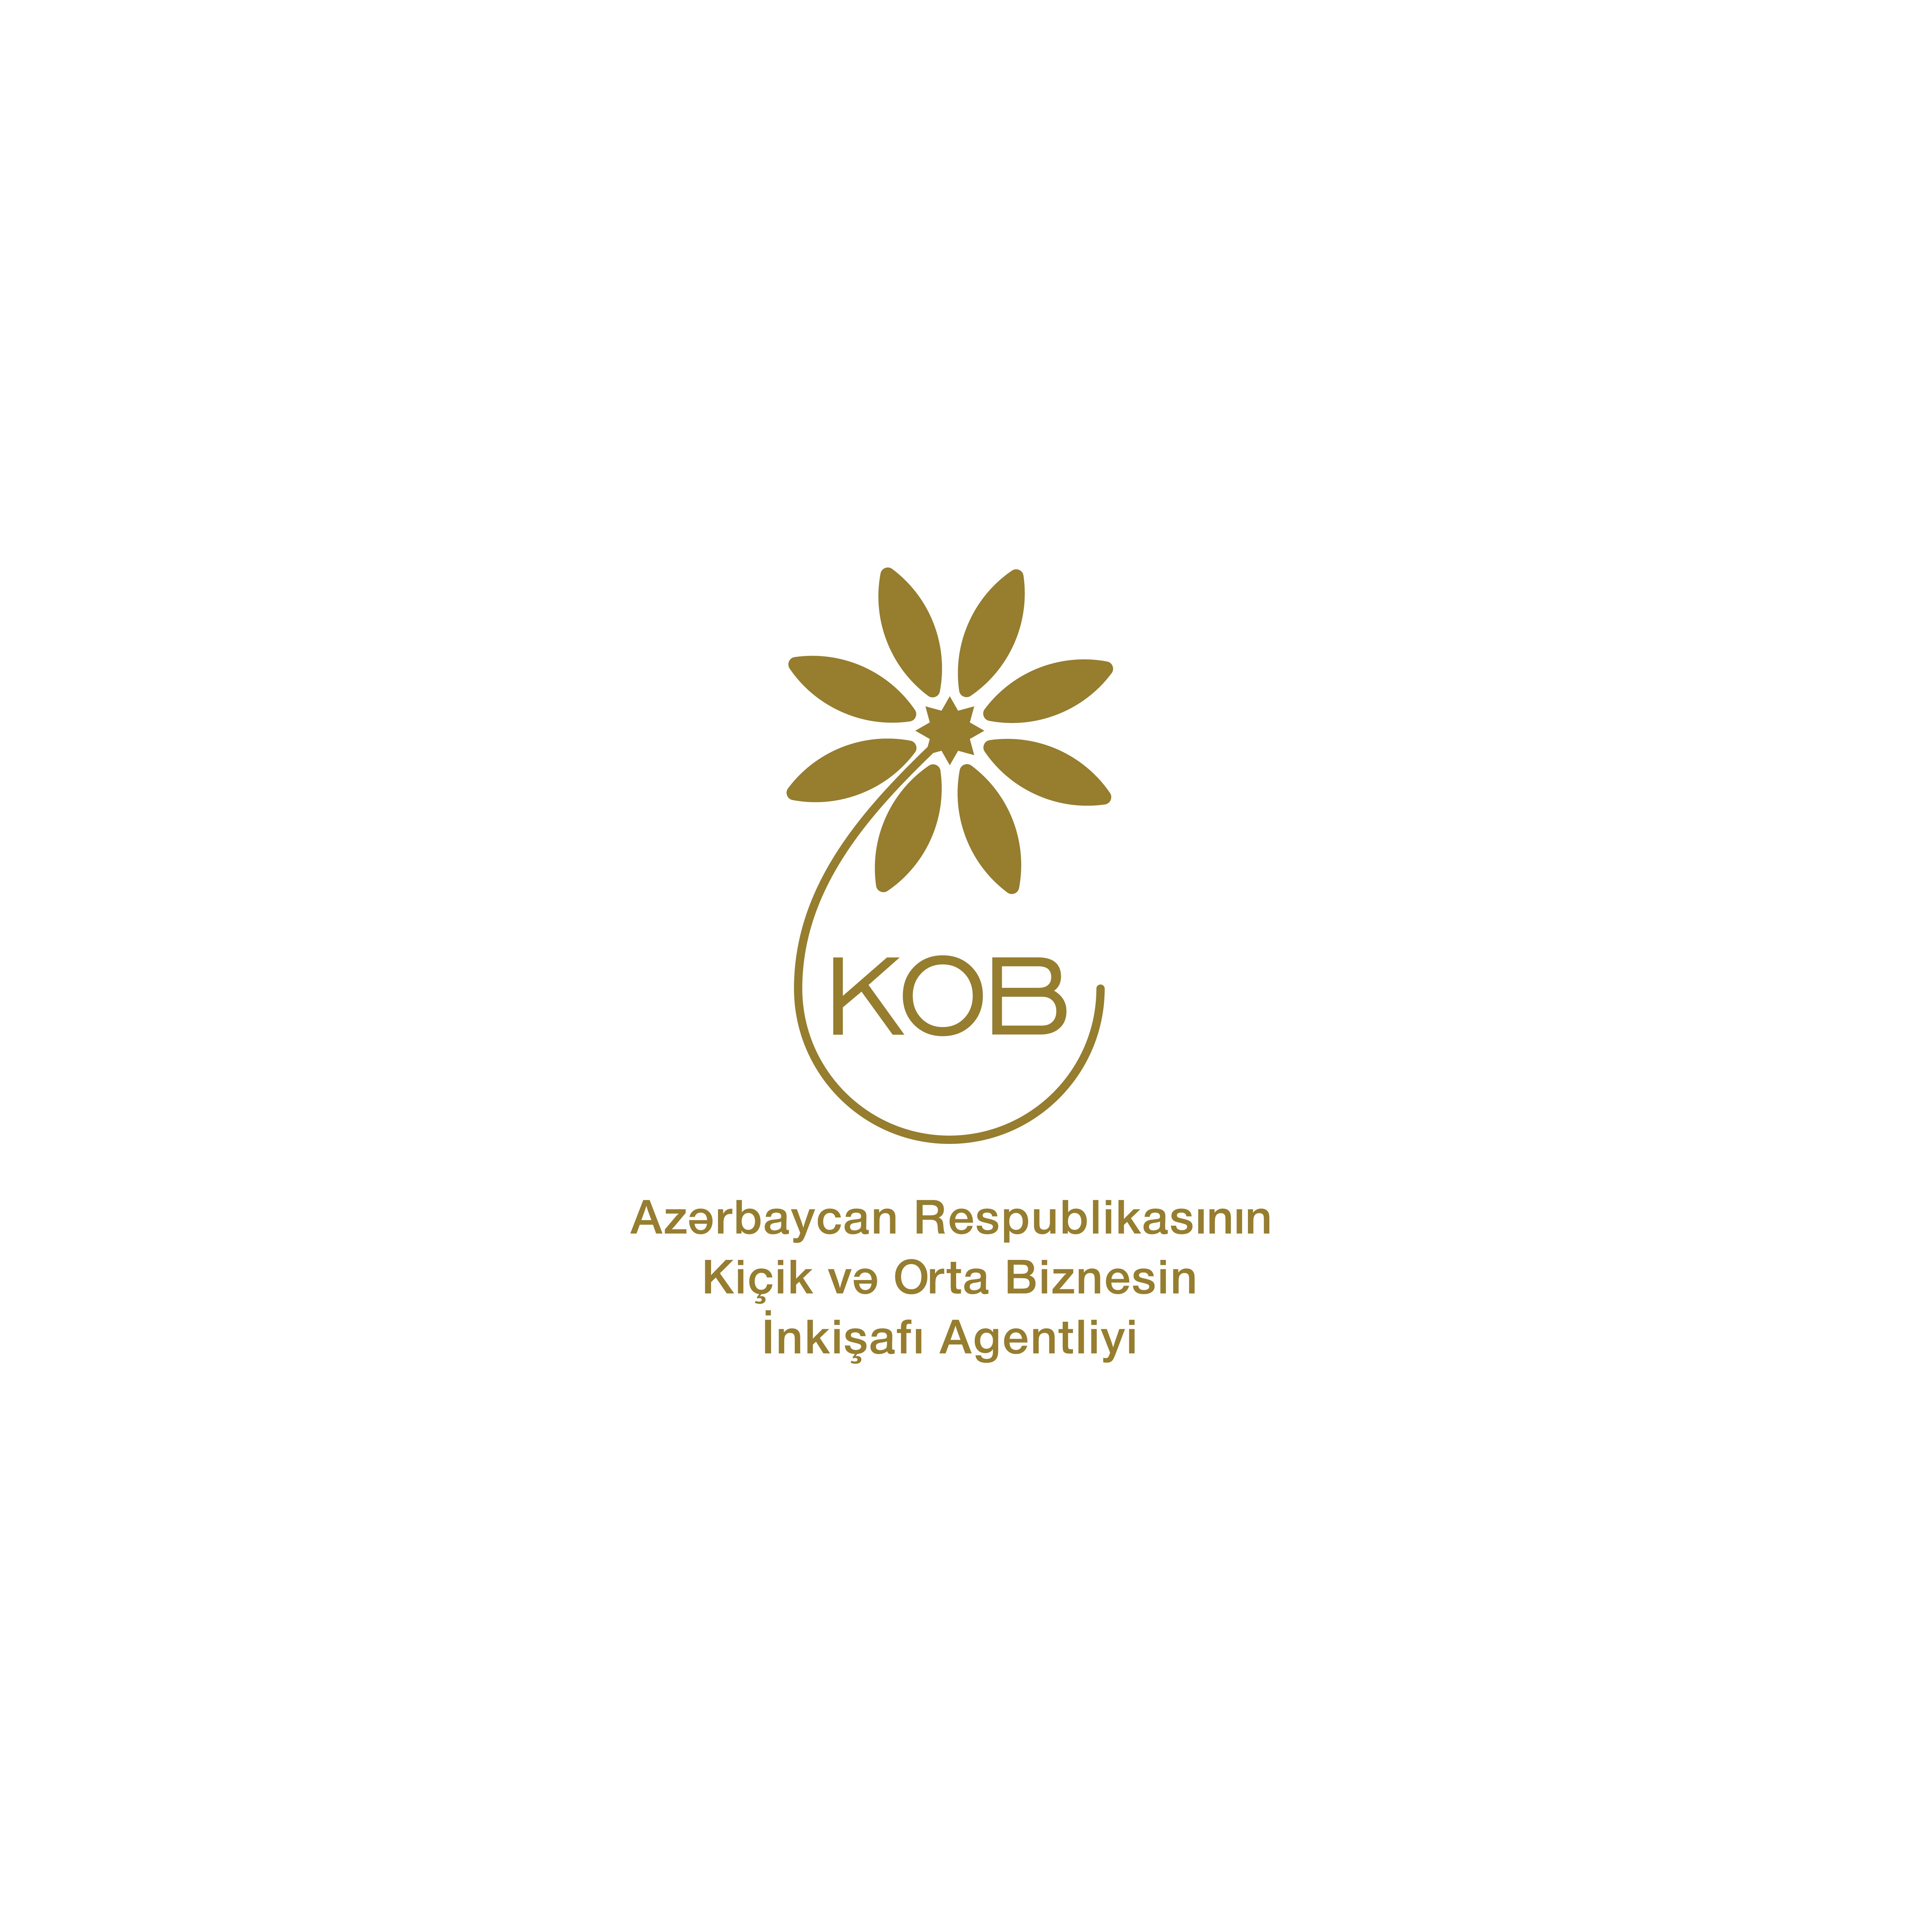 kobia logo